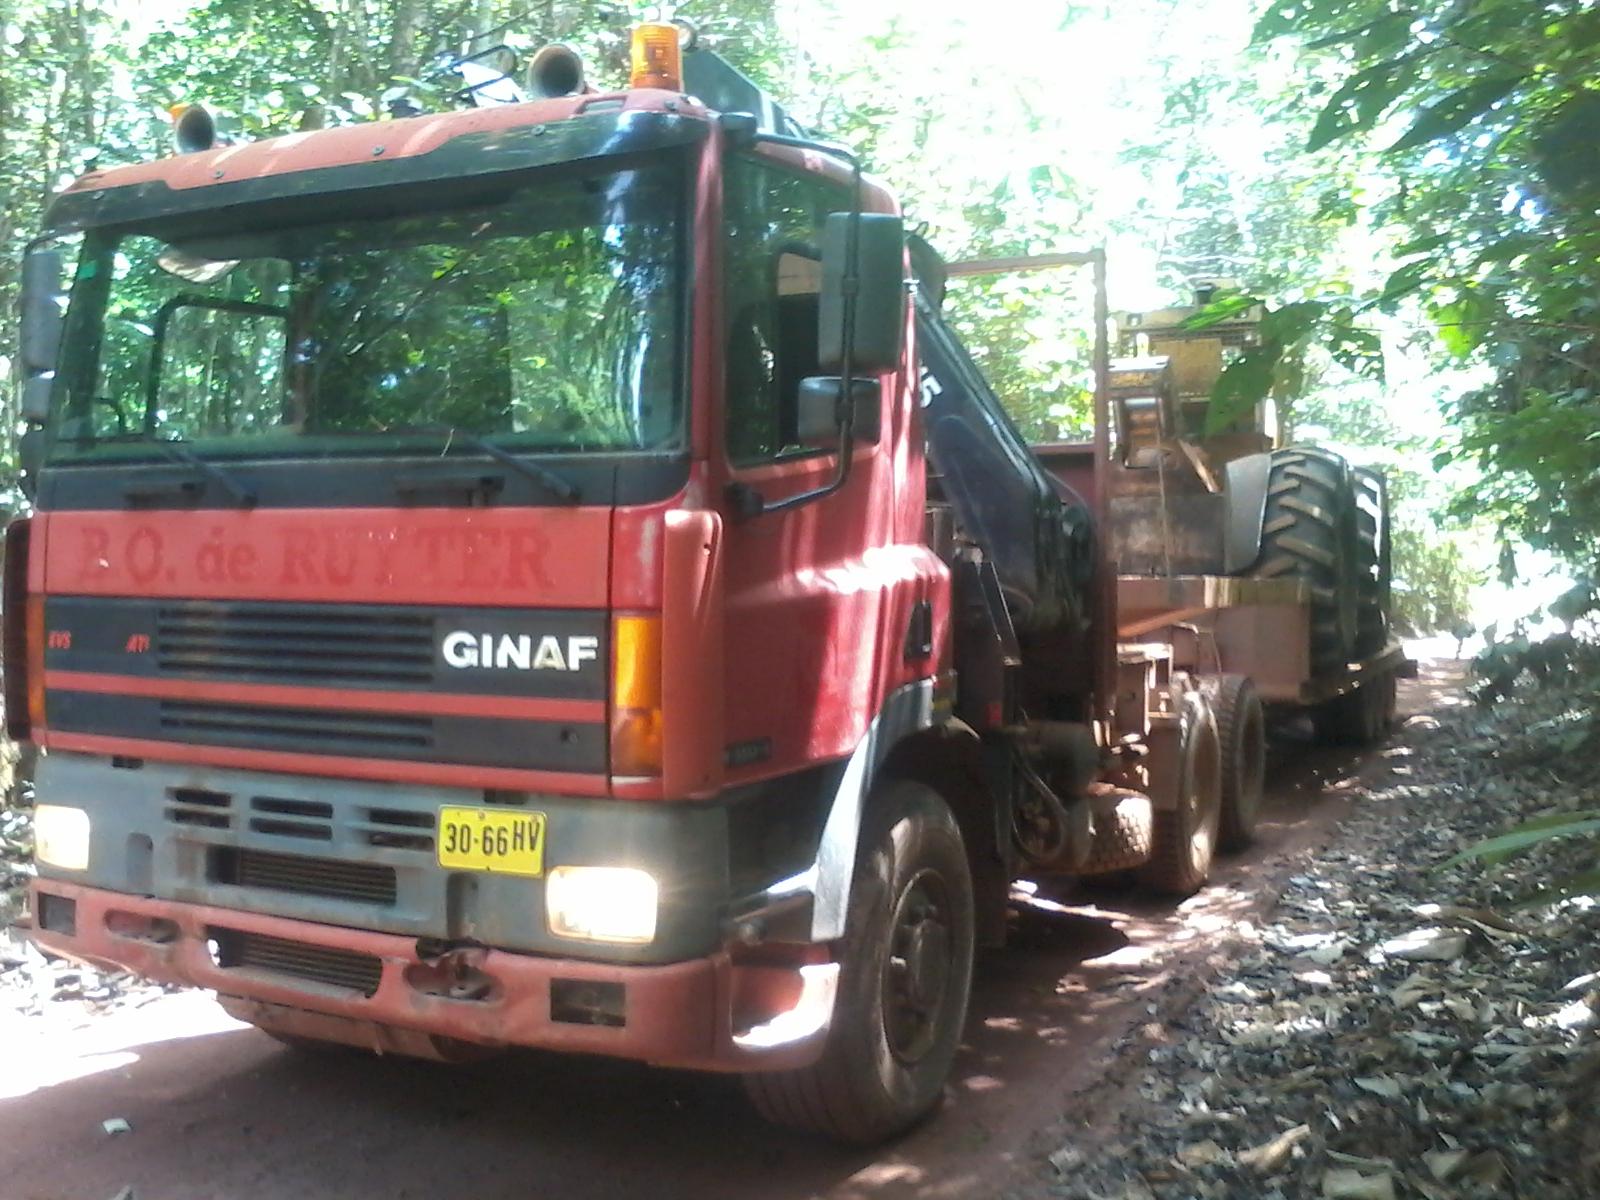 Ginaf M3233-S